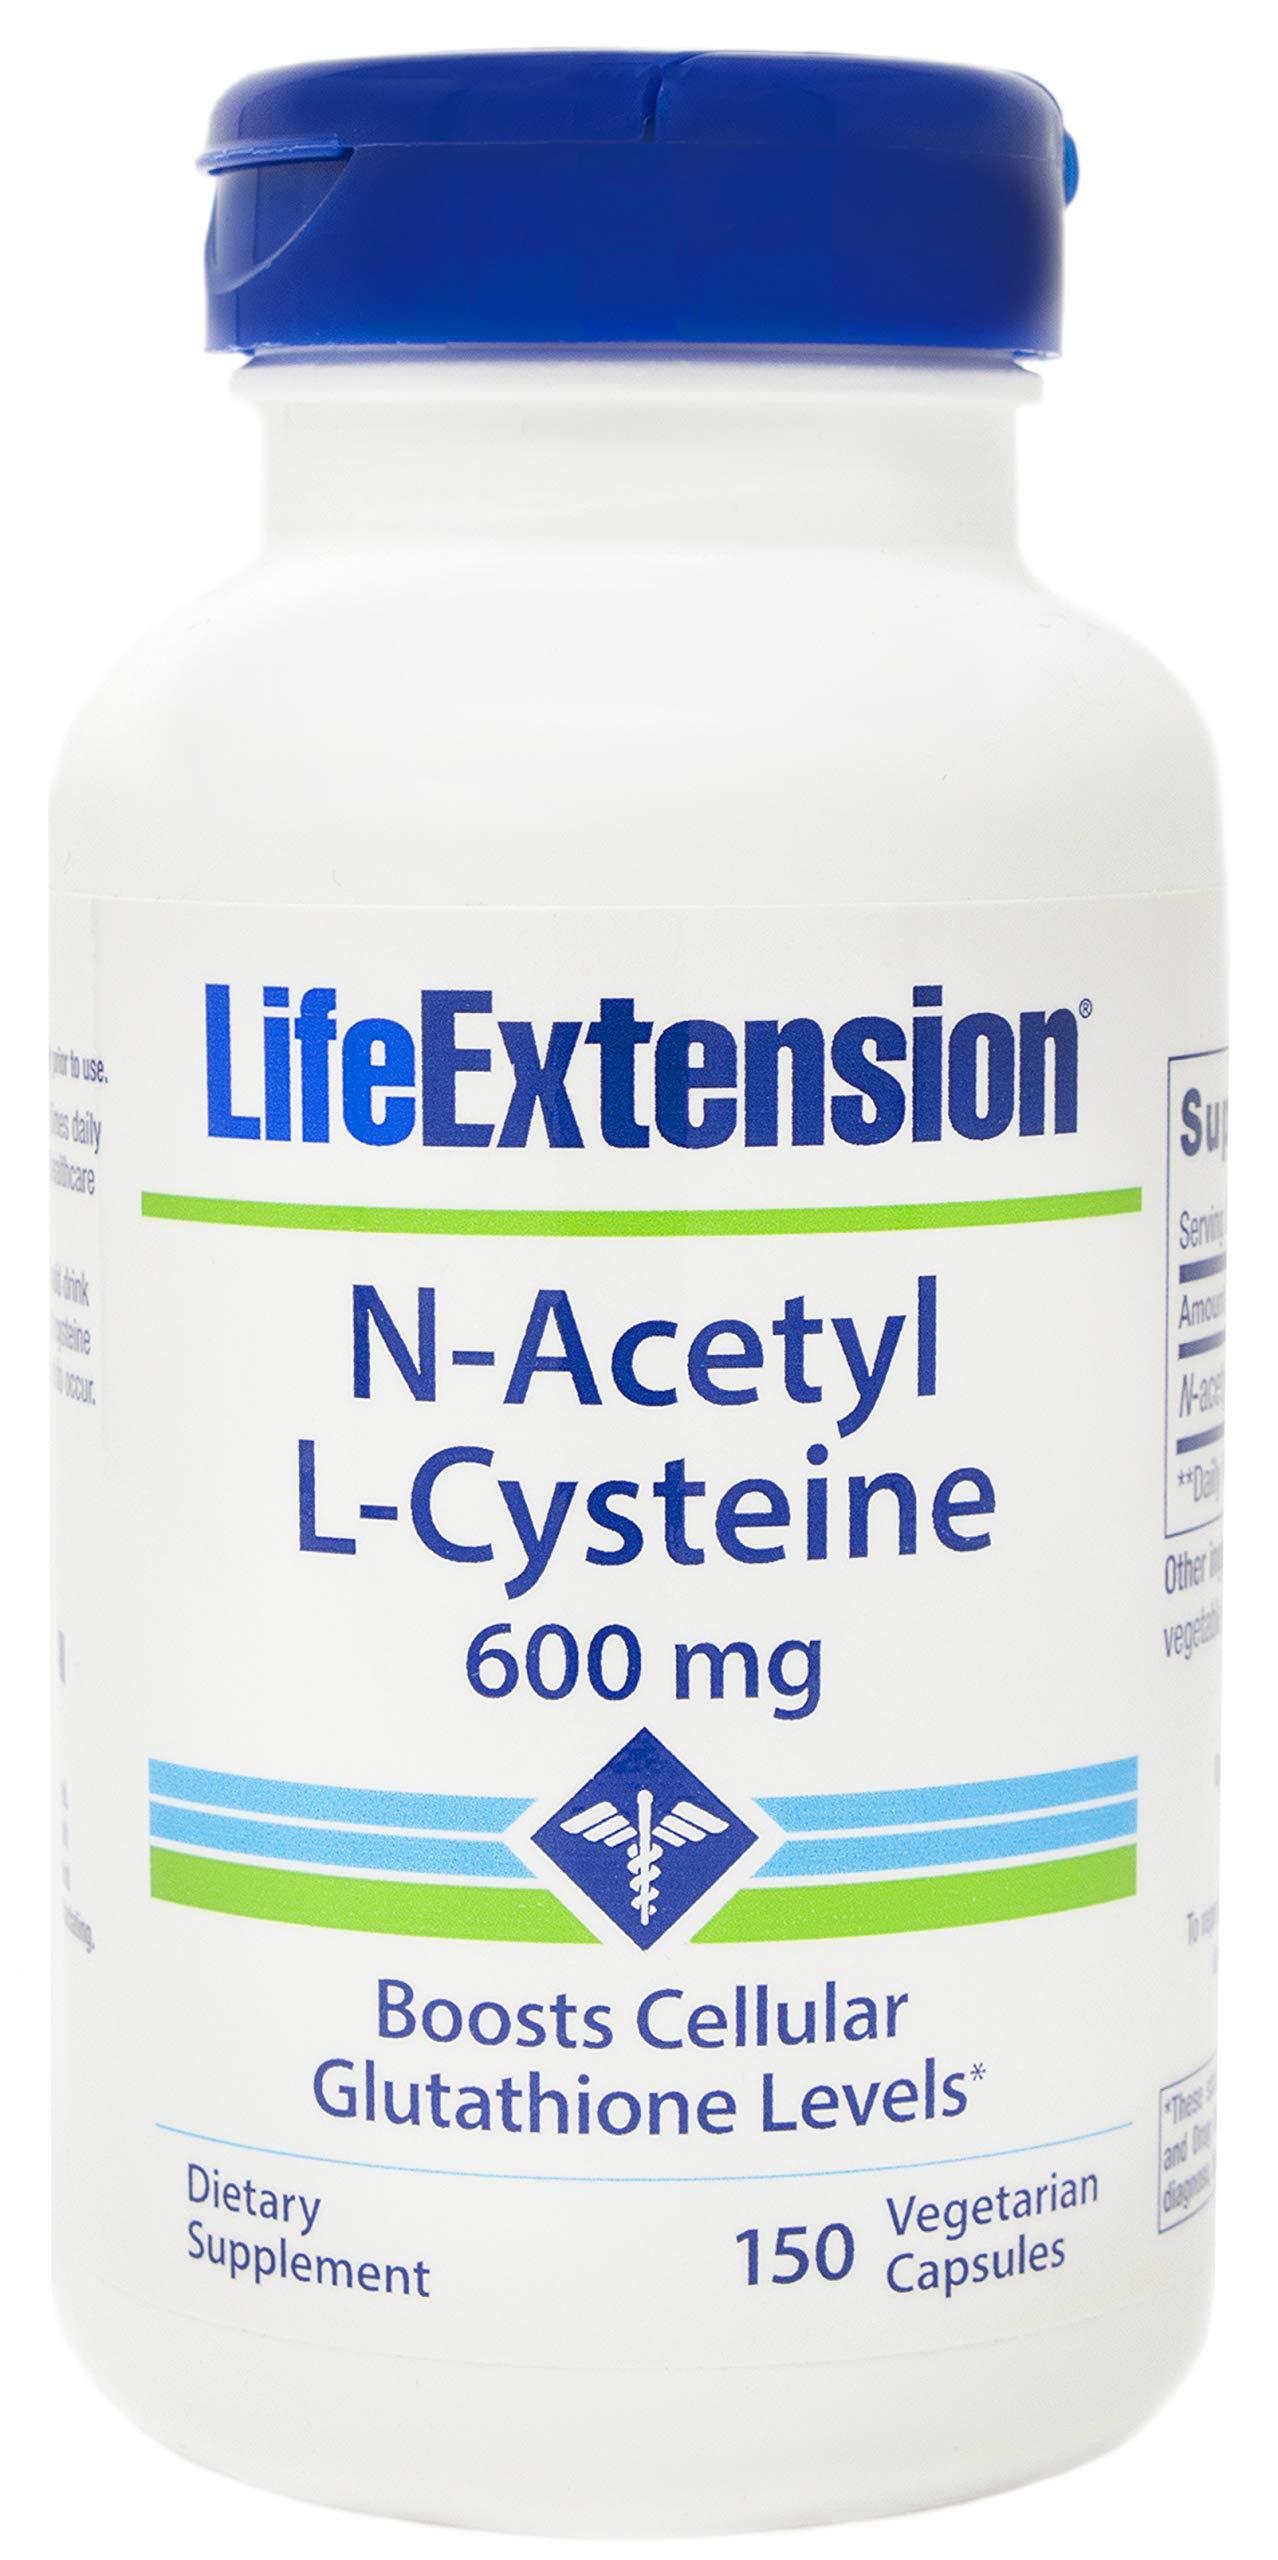 Life Extension N-Acetyl-L-Cysteine (NAC) 600mg, 150 Vegetarian Capsules